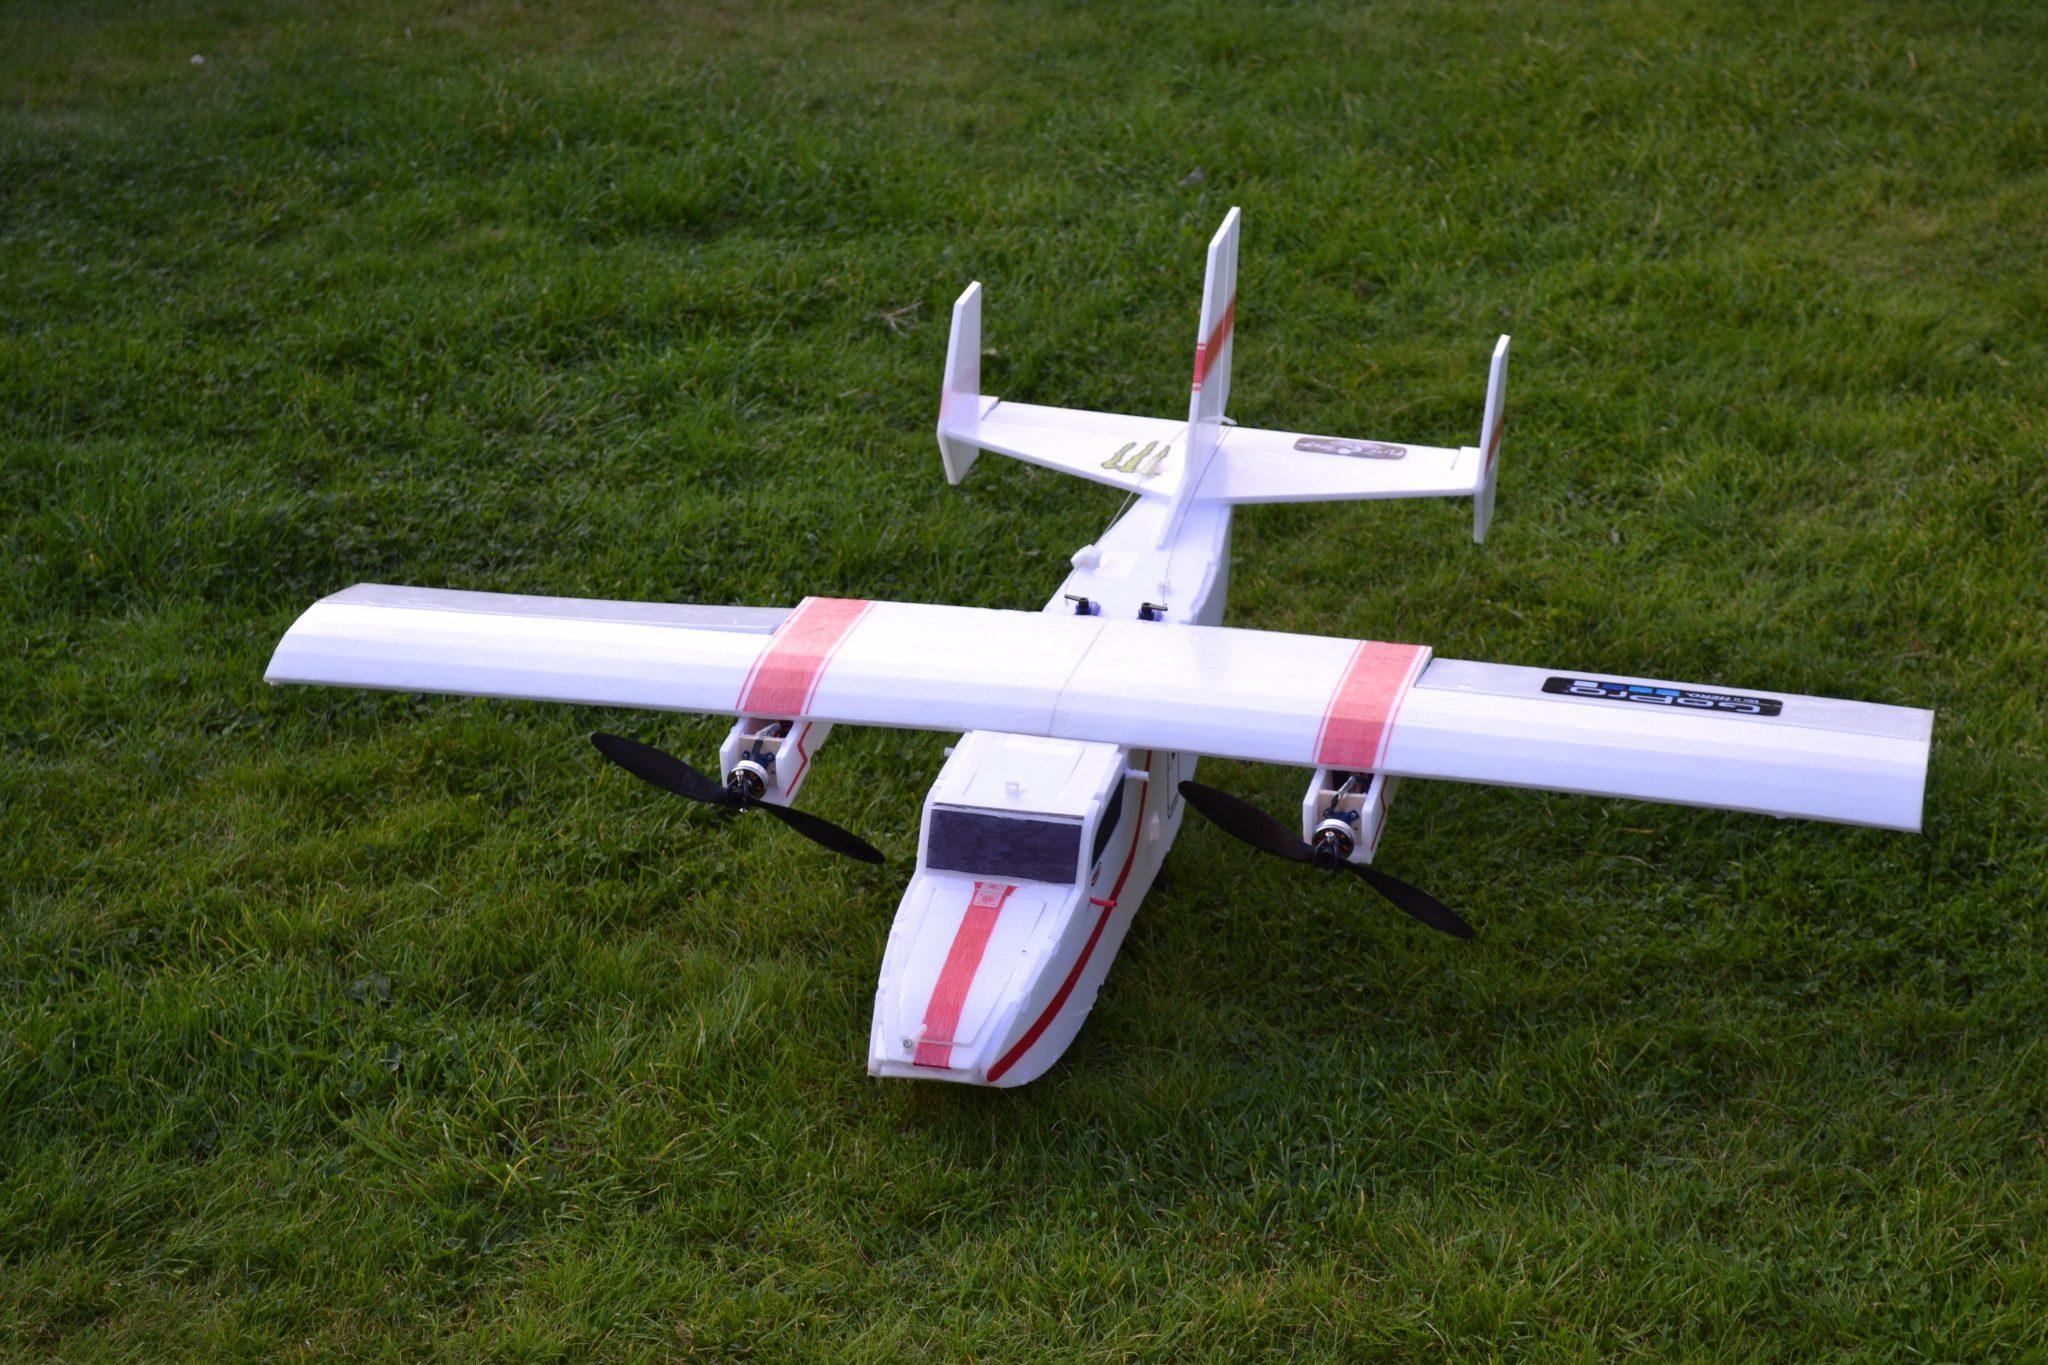 آموزش سخت هواپیمای کنترلی - آرمیچر